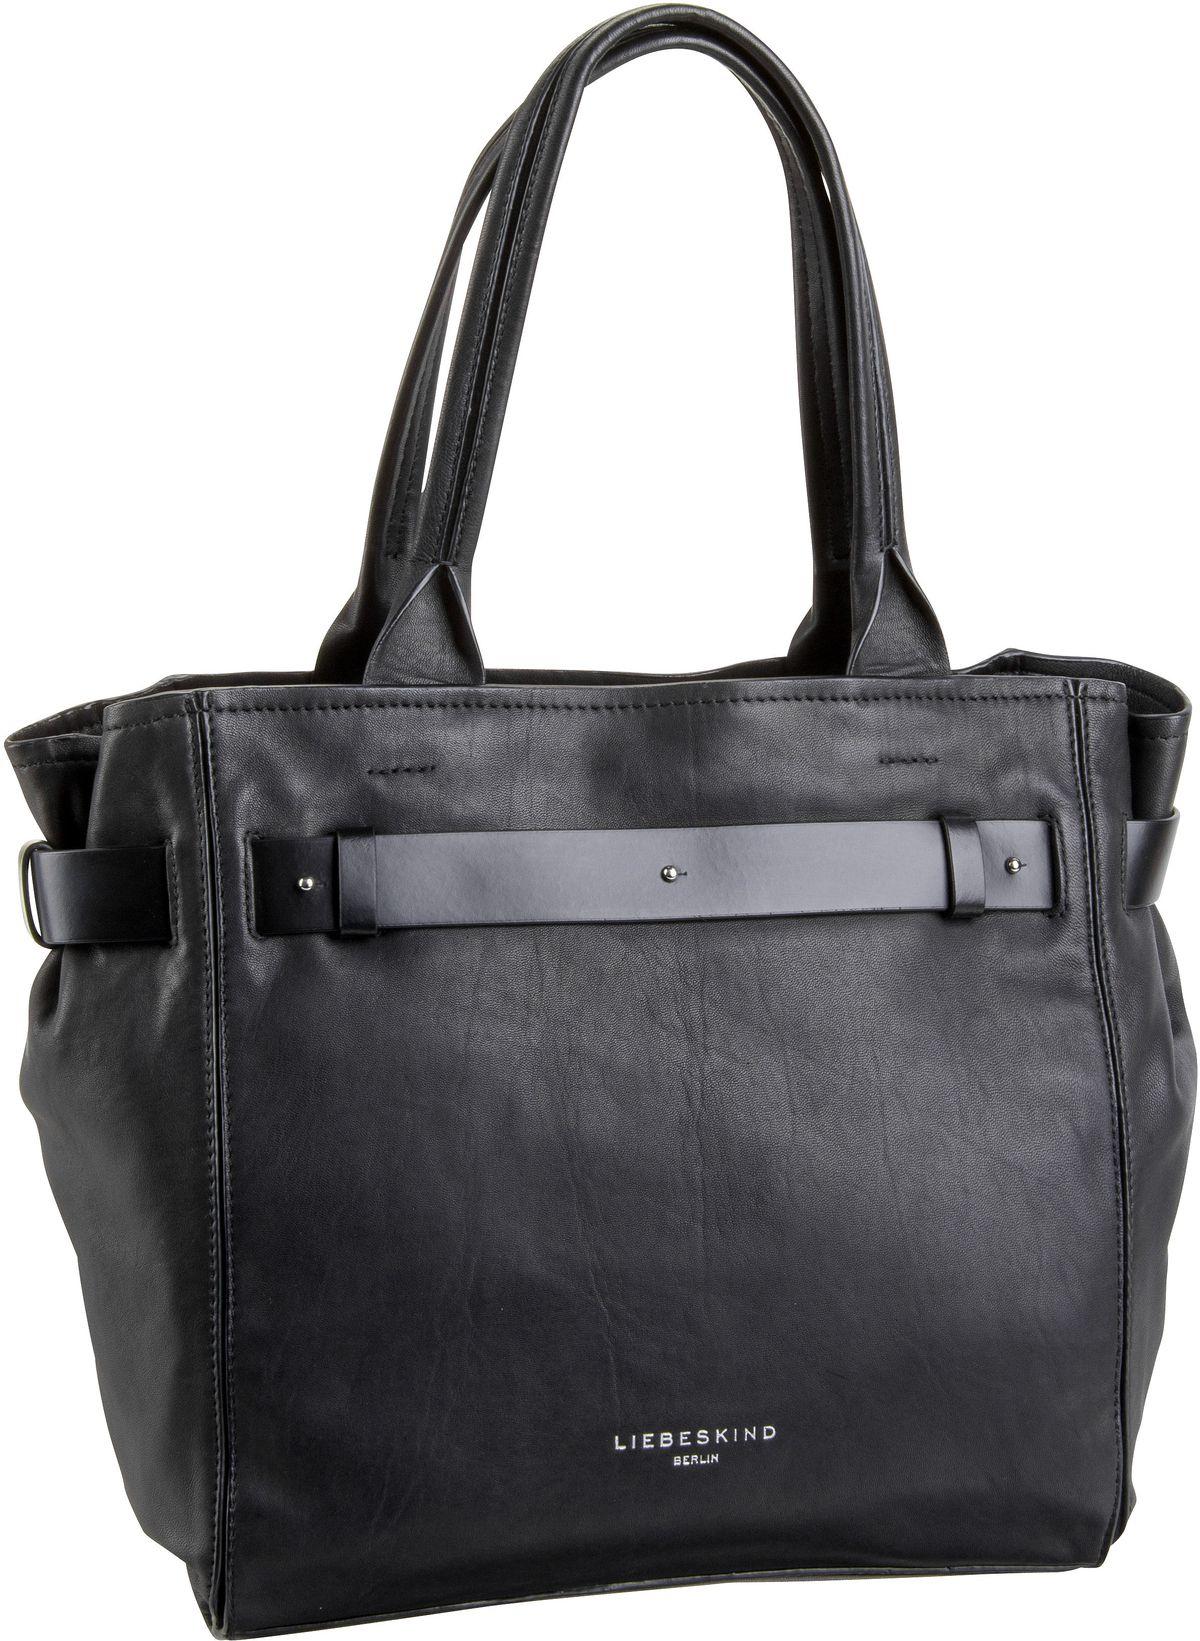 Berlin Handtasche Soft Bucket Satchel M Black